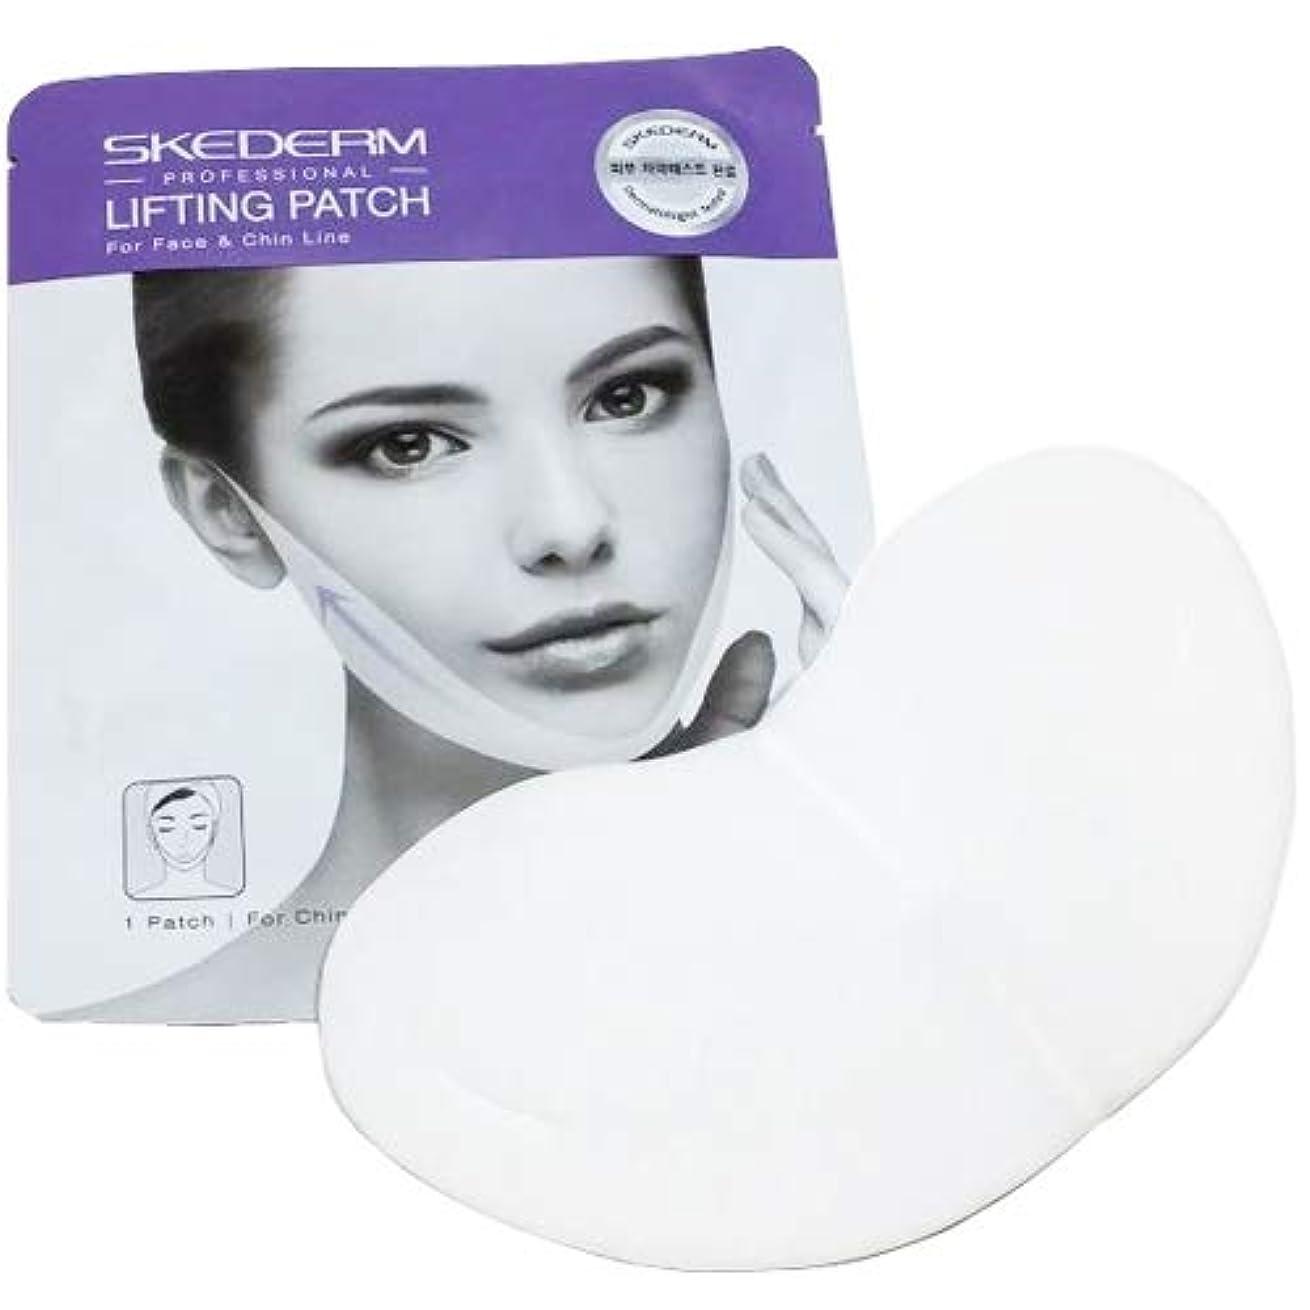 私達削除する期待SCEDERM リフティング パッチ 7g×9枚 韓国化粧品 V-TOXリフティングマスク マスク リフティング パッチ 小顔、顎ラインの必須アイテム Vライン